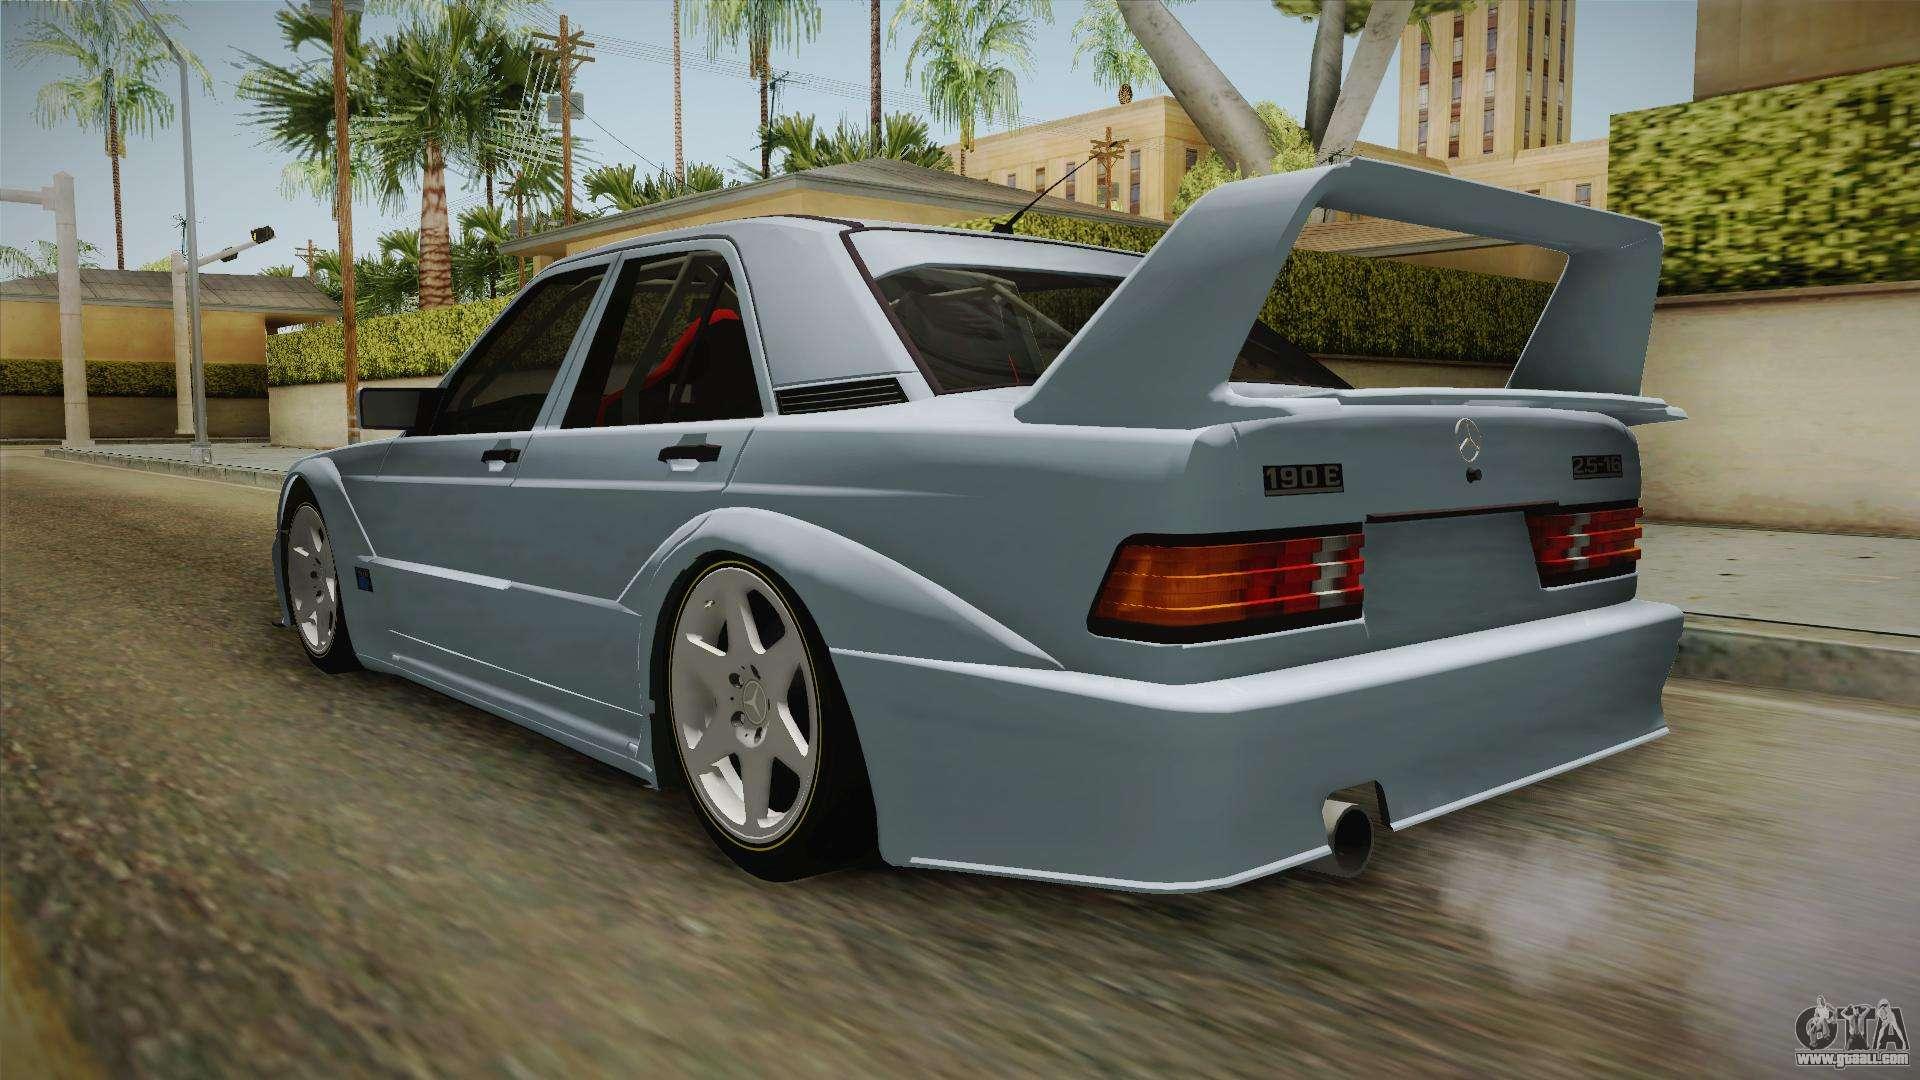 Mercedes benz w201 190e for gta san andreas for 190e mercedes benz